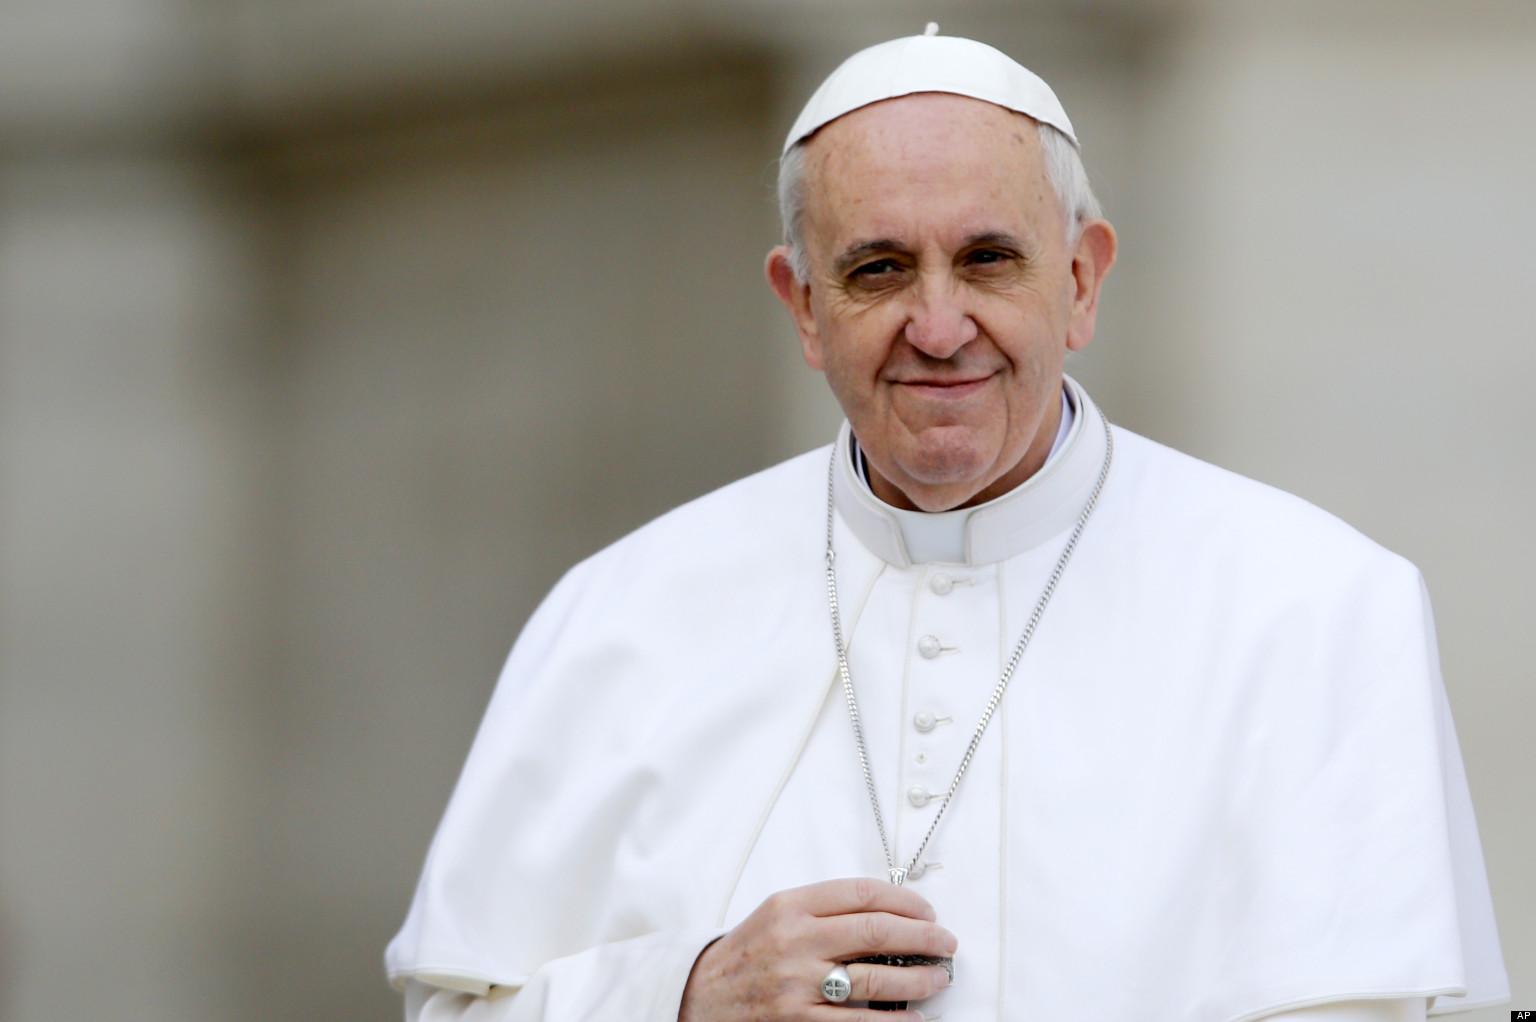 Papa Francisc s-a întâlnit cu liderii statelor UE, inclusiv cu președintele Klaus Iohannis